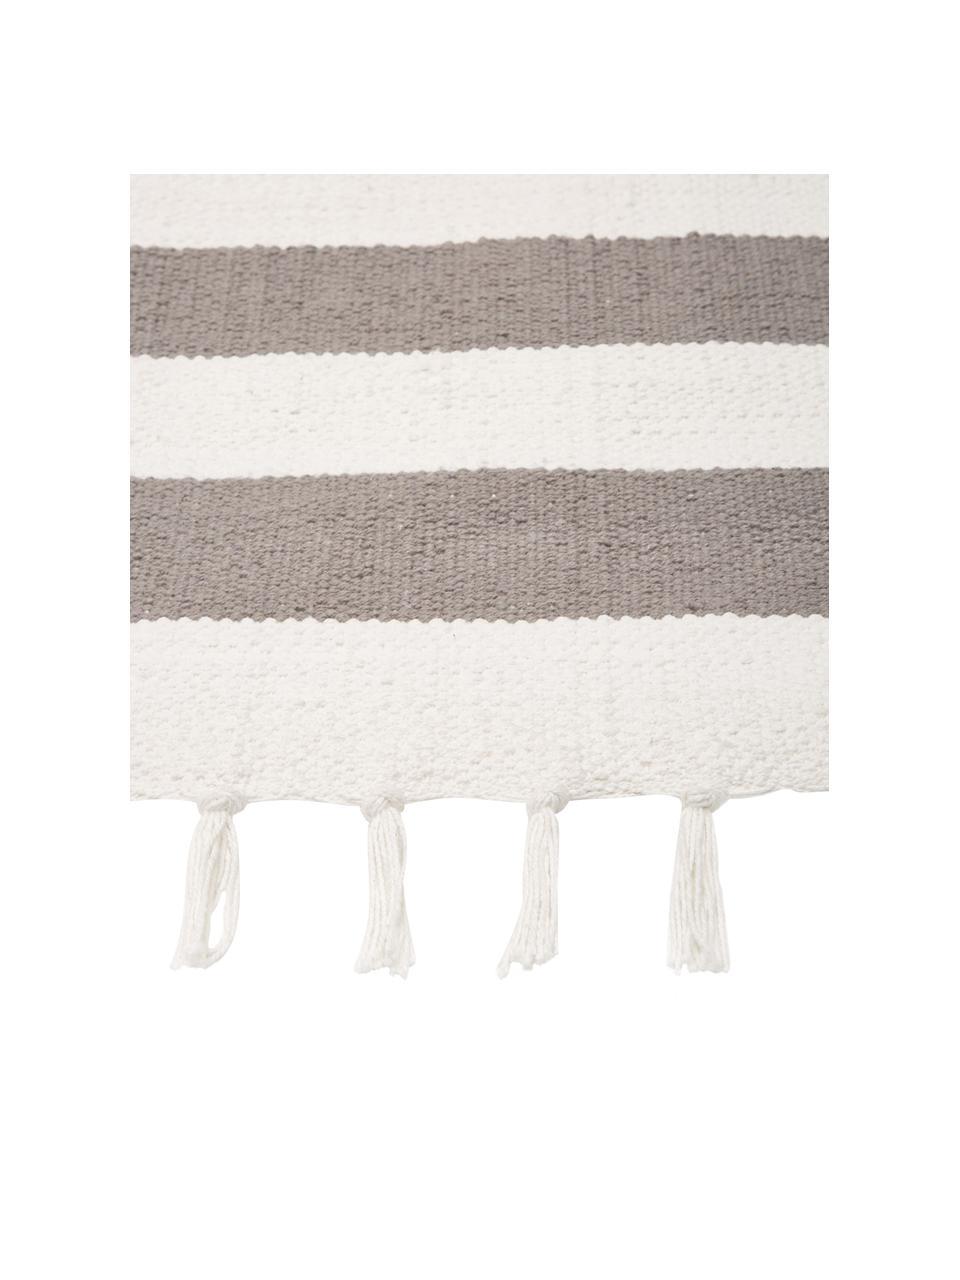 Gestreifter Baumwollteppich Blocker in Grau/Weiß, handgewebt, 100% Baumwolle, Cremeweiß/Hellgrau, B 160 x L 230 cm (Größe M)